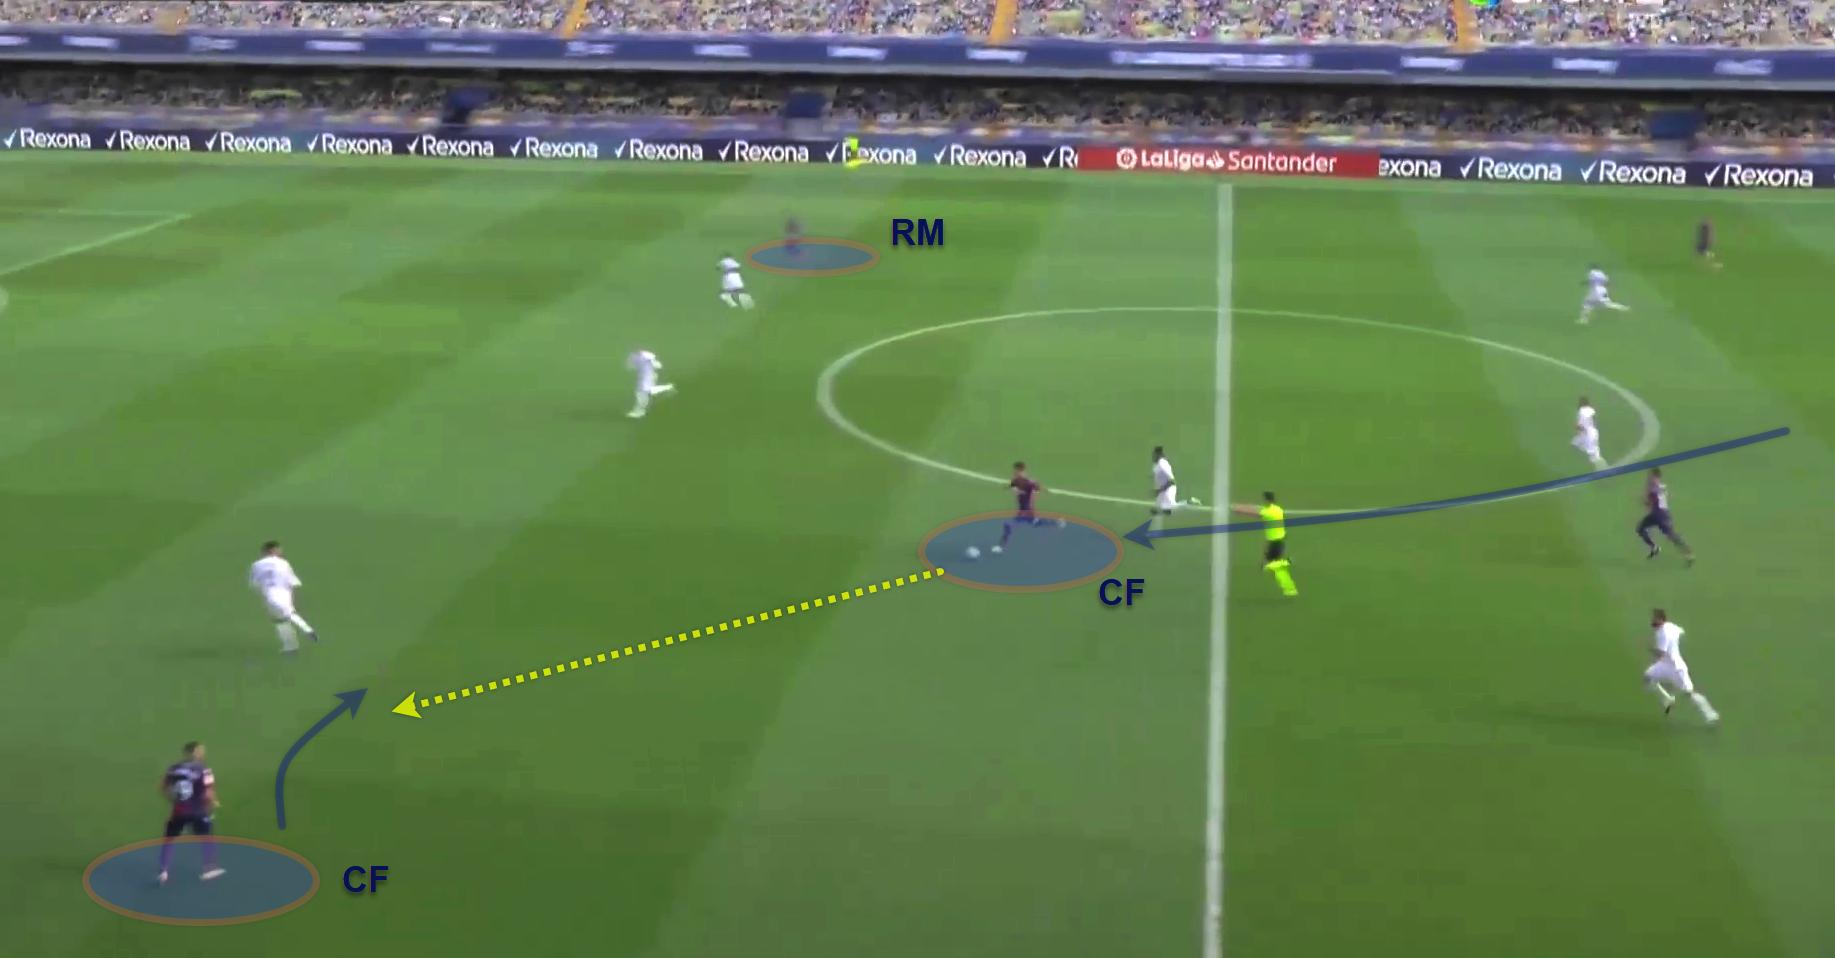 La Liga 2020/21: Levante v Real Madrid - tactical analysis tactics